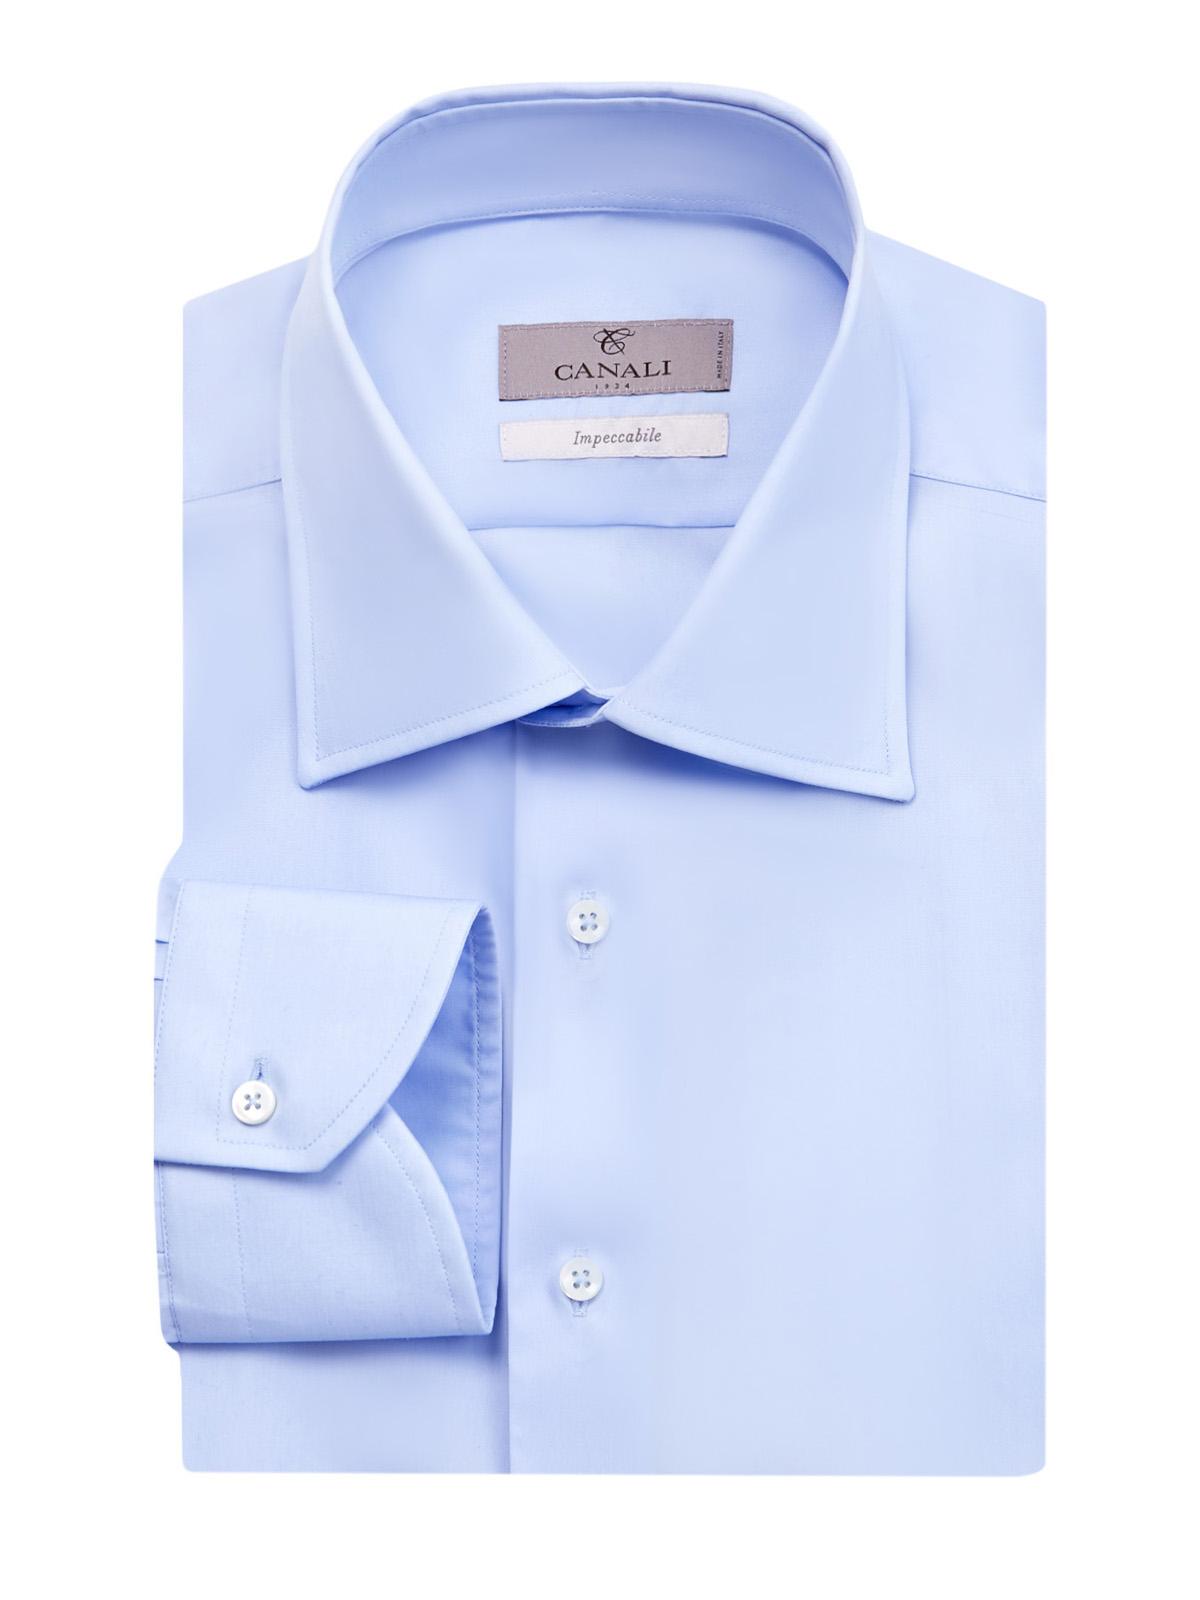 Минималистичная рубашка из хлопка Impeccabile